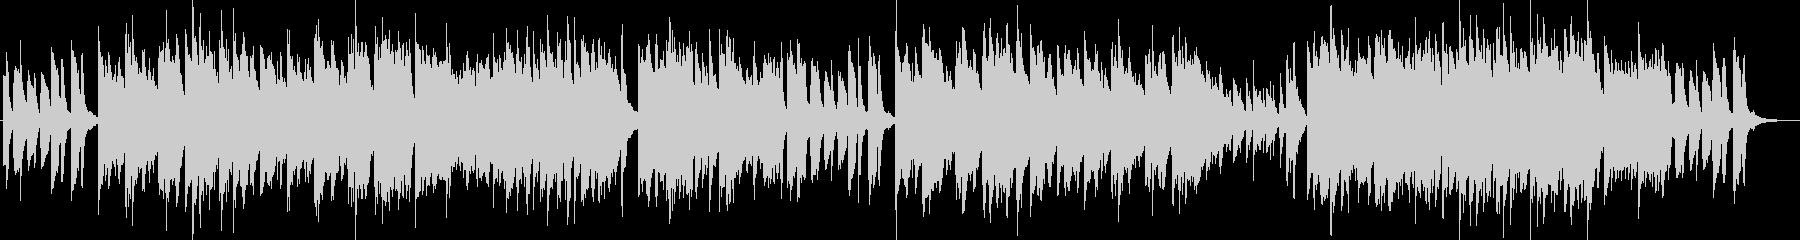 不思議で攻撃的な曲調のピアノソロの未再生の波形